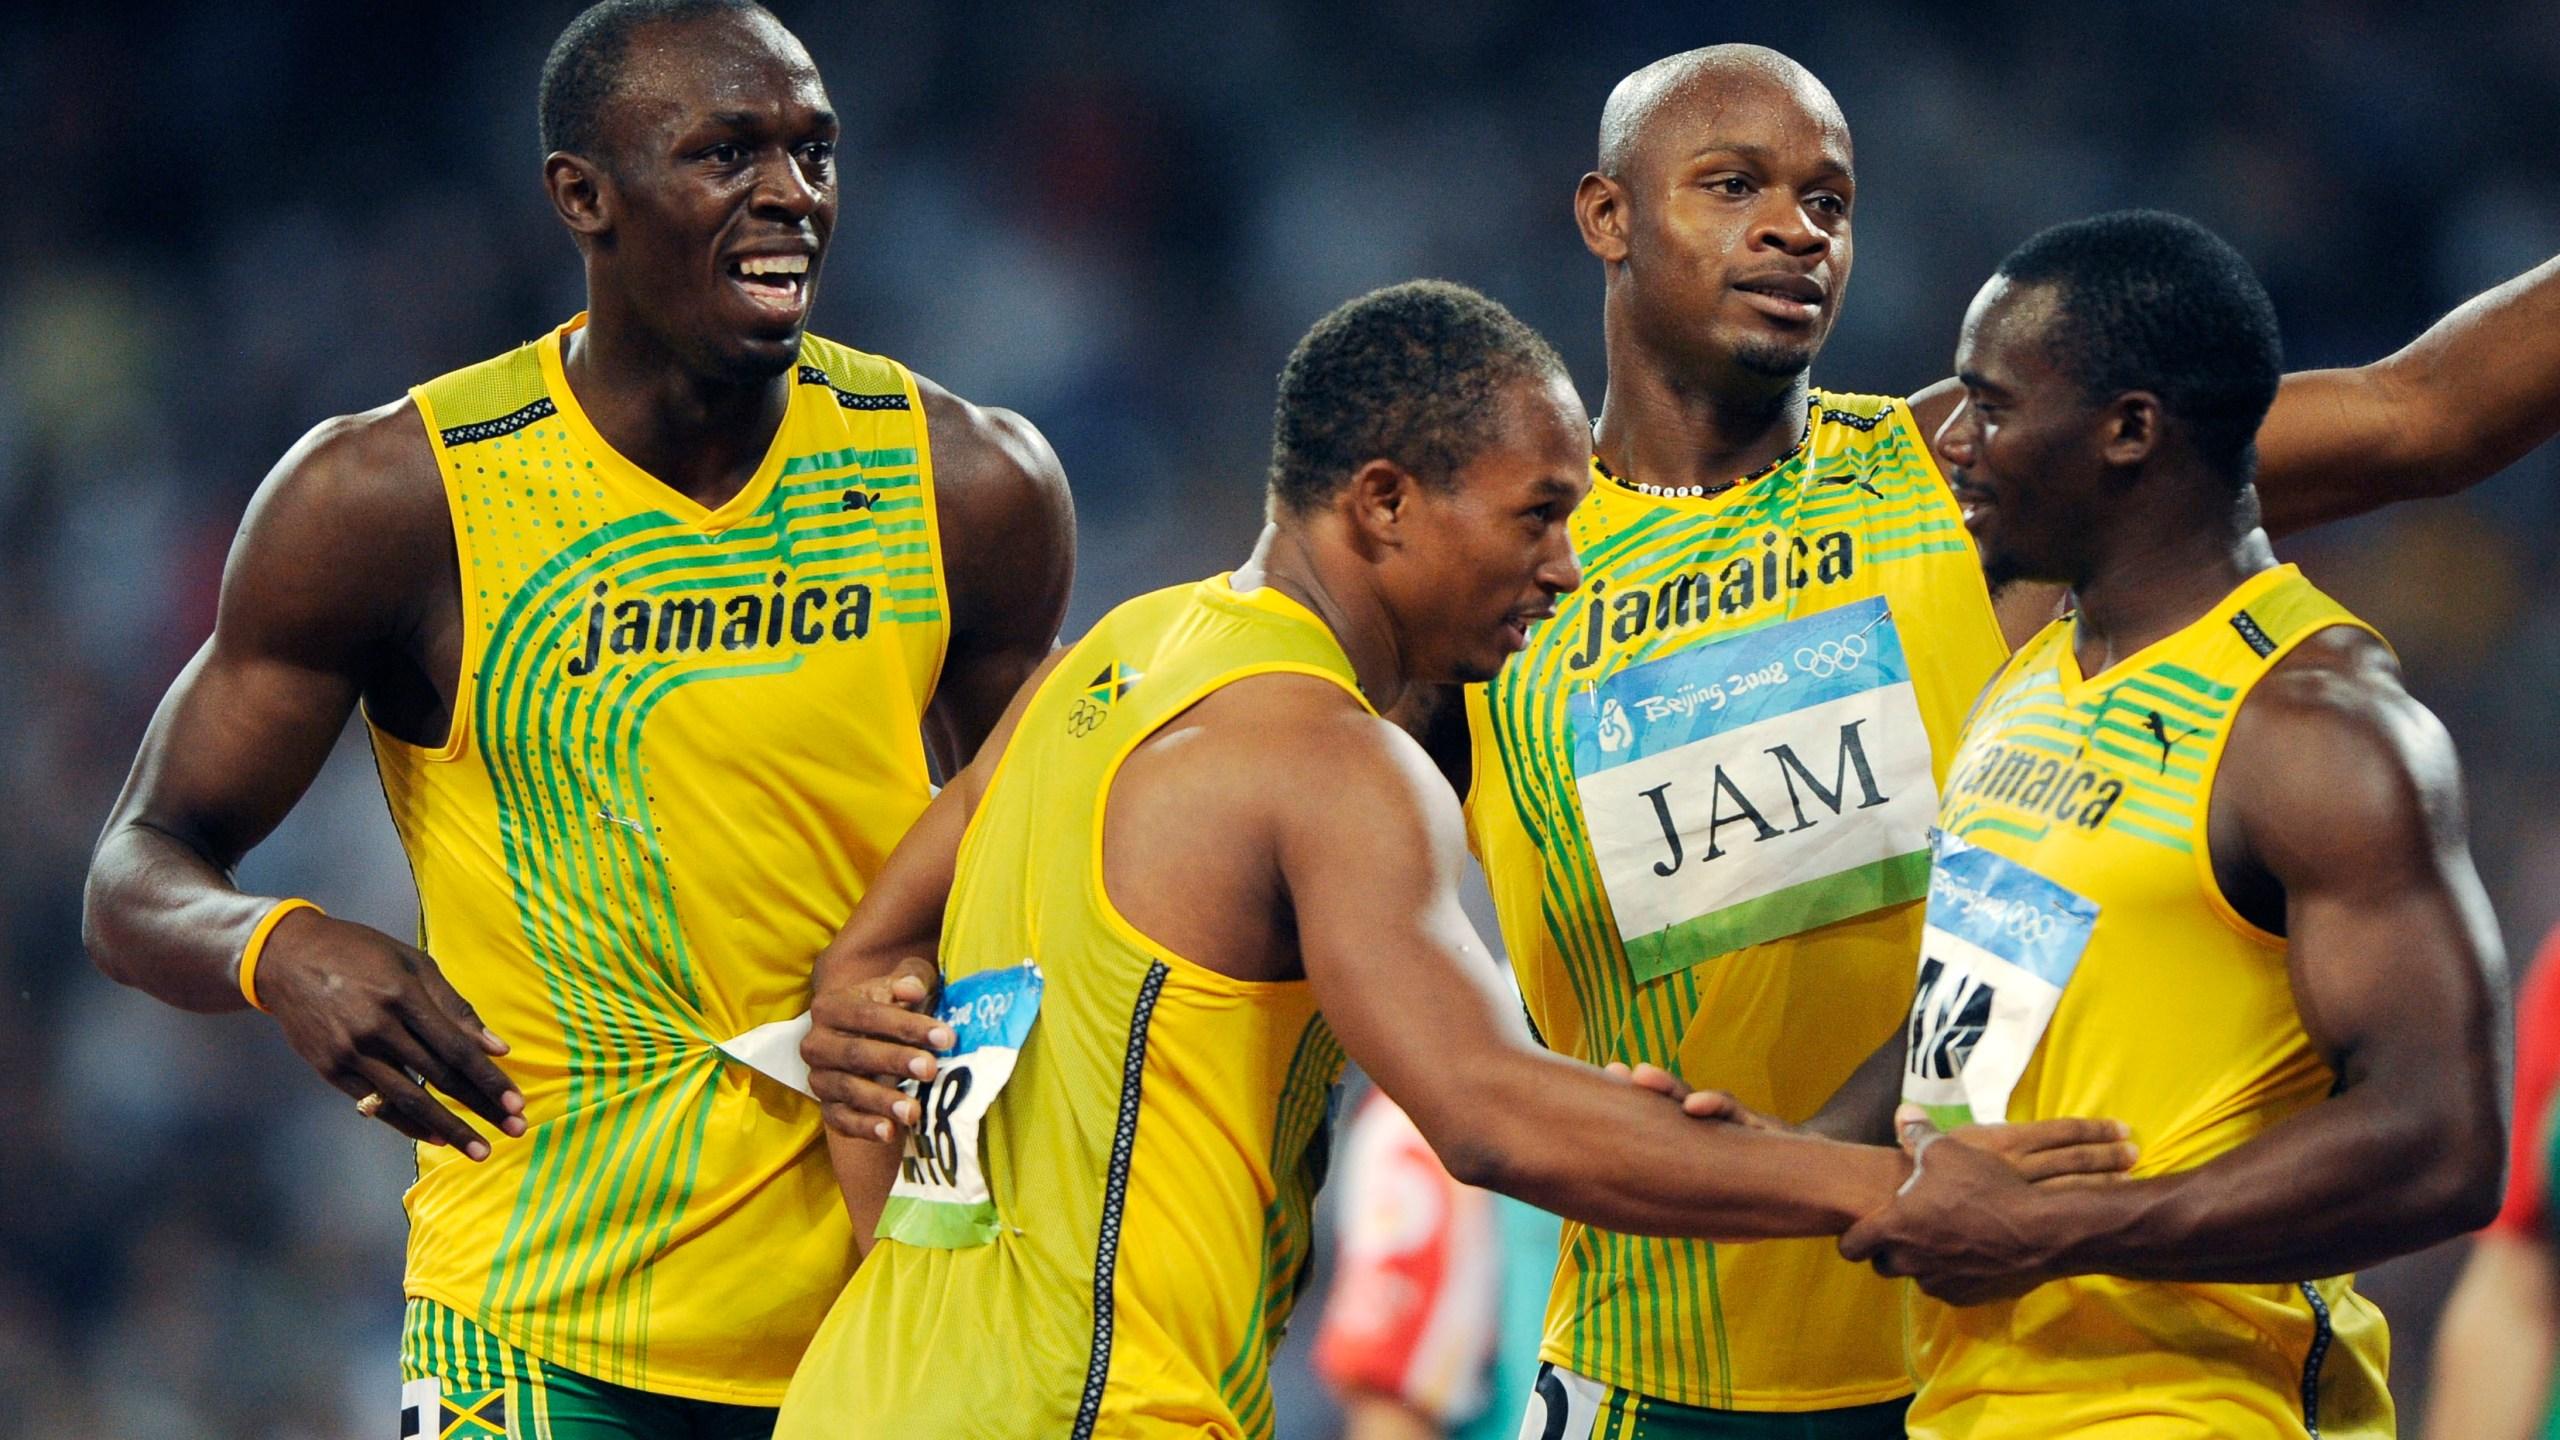 Bolt Medal Stripped_513277